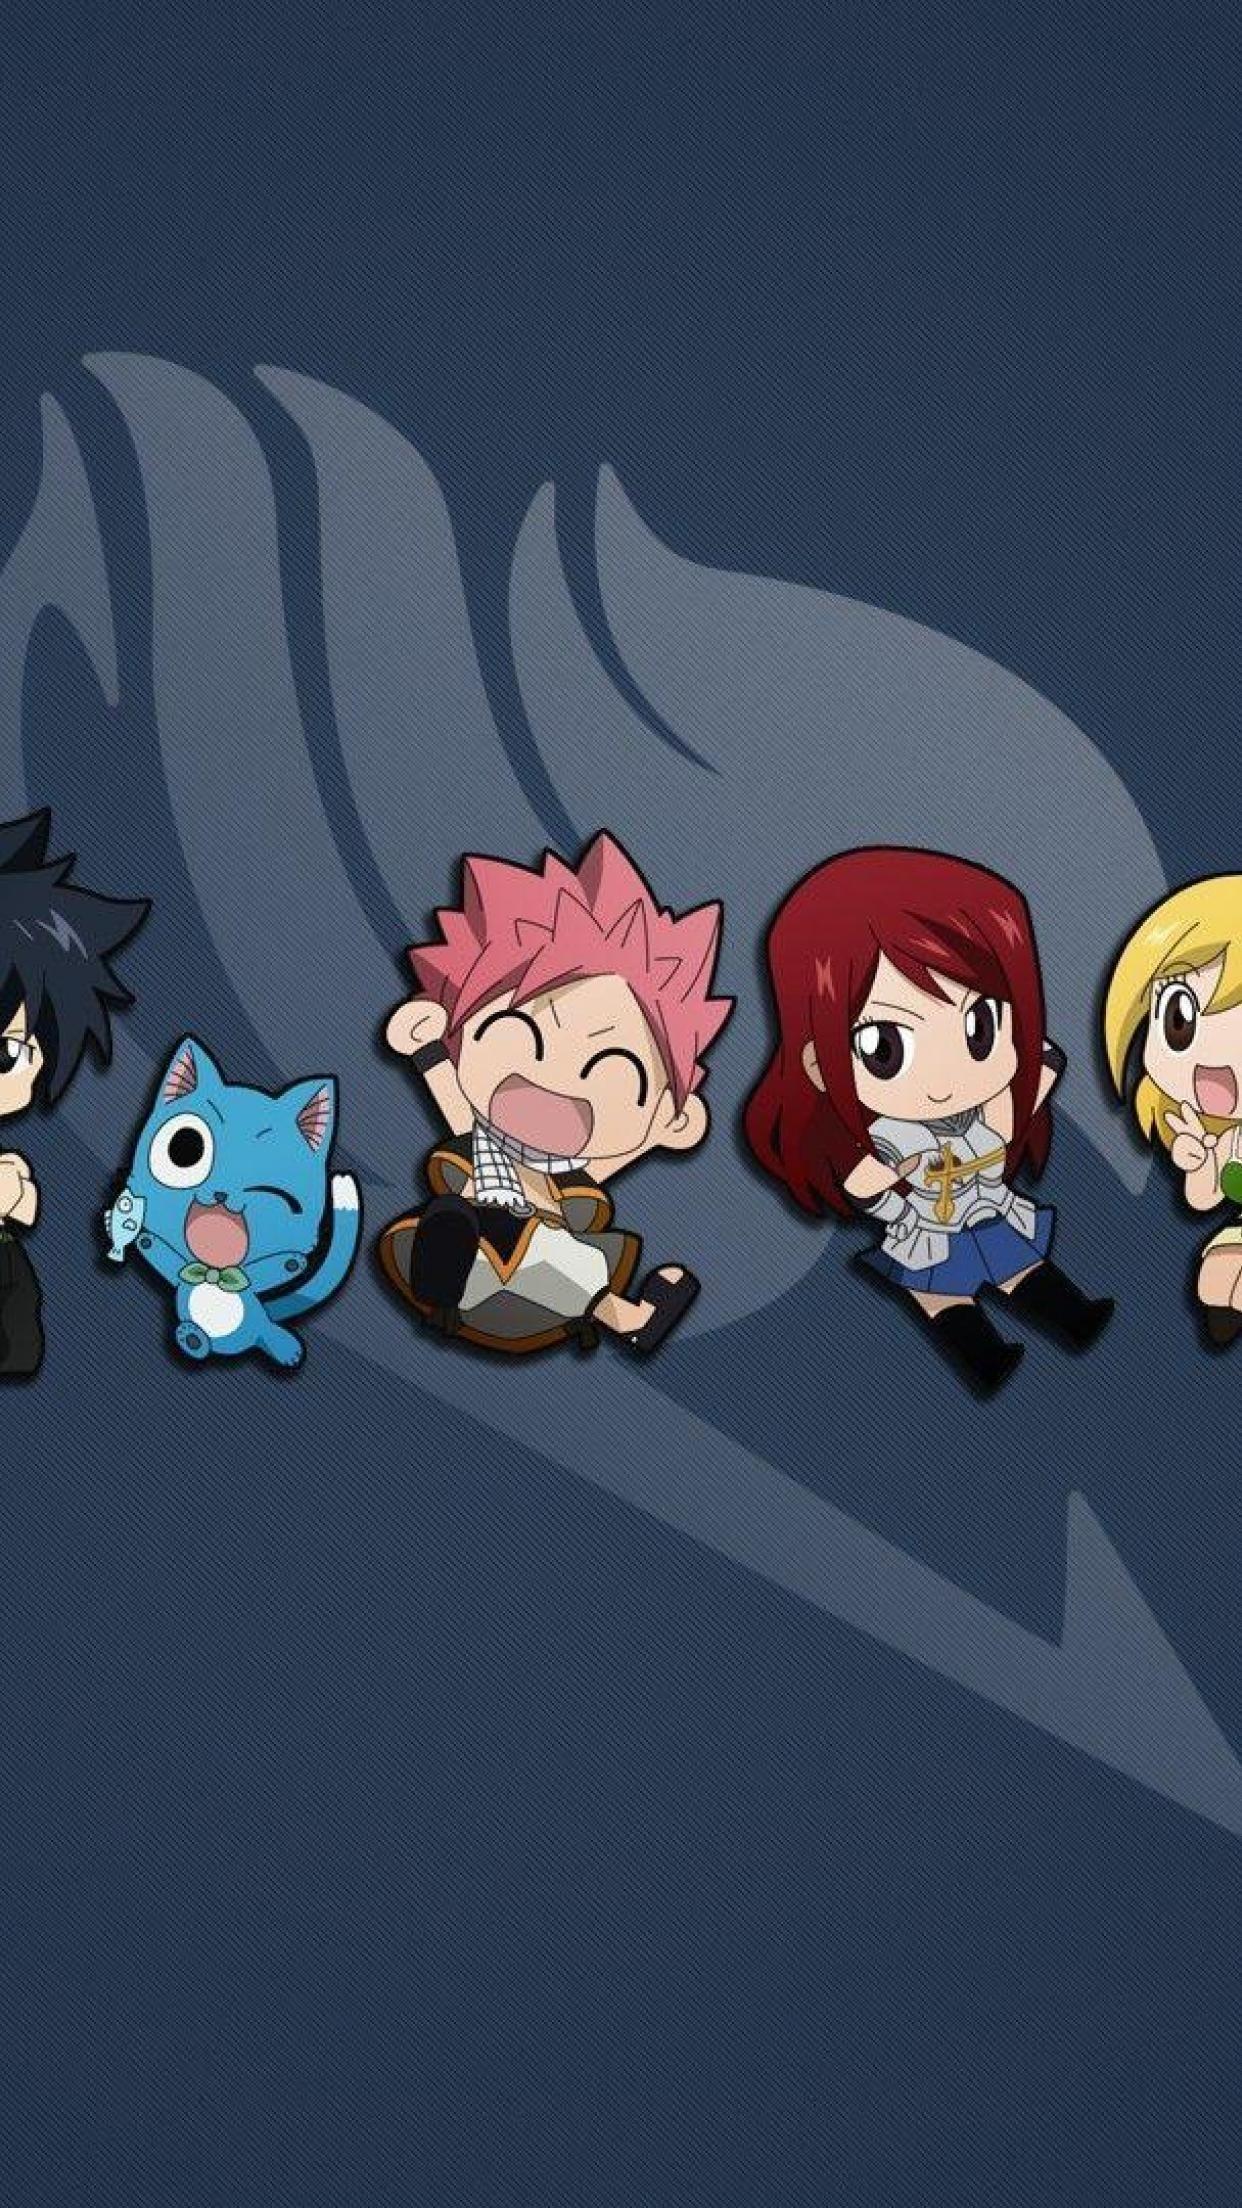 Cute Fairy Tail Wallpaper : fairy, wallpaper, IPhone, Fairy, Characters, Wallpapers, Backgrounds, WallpaperAccess